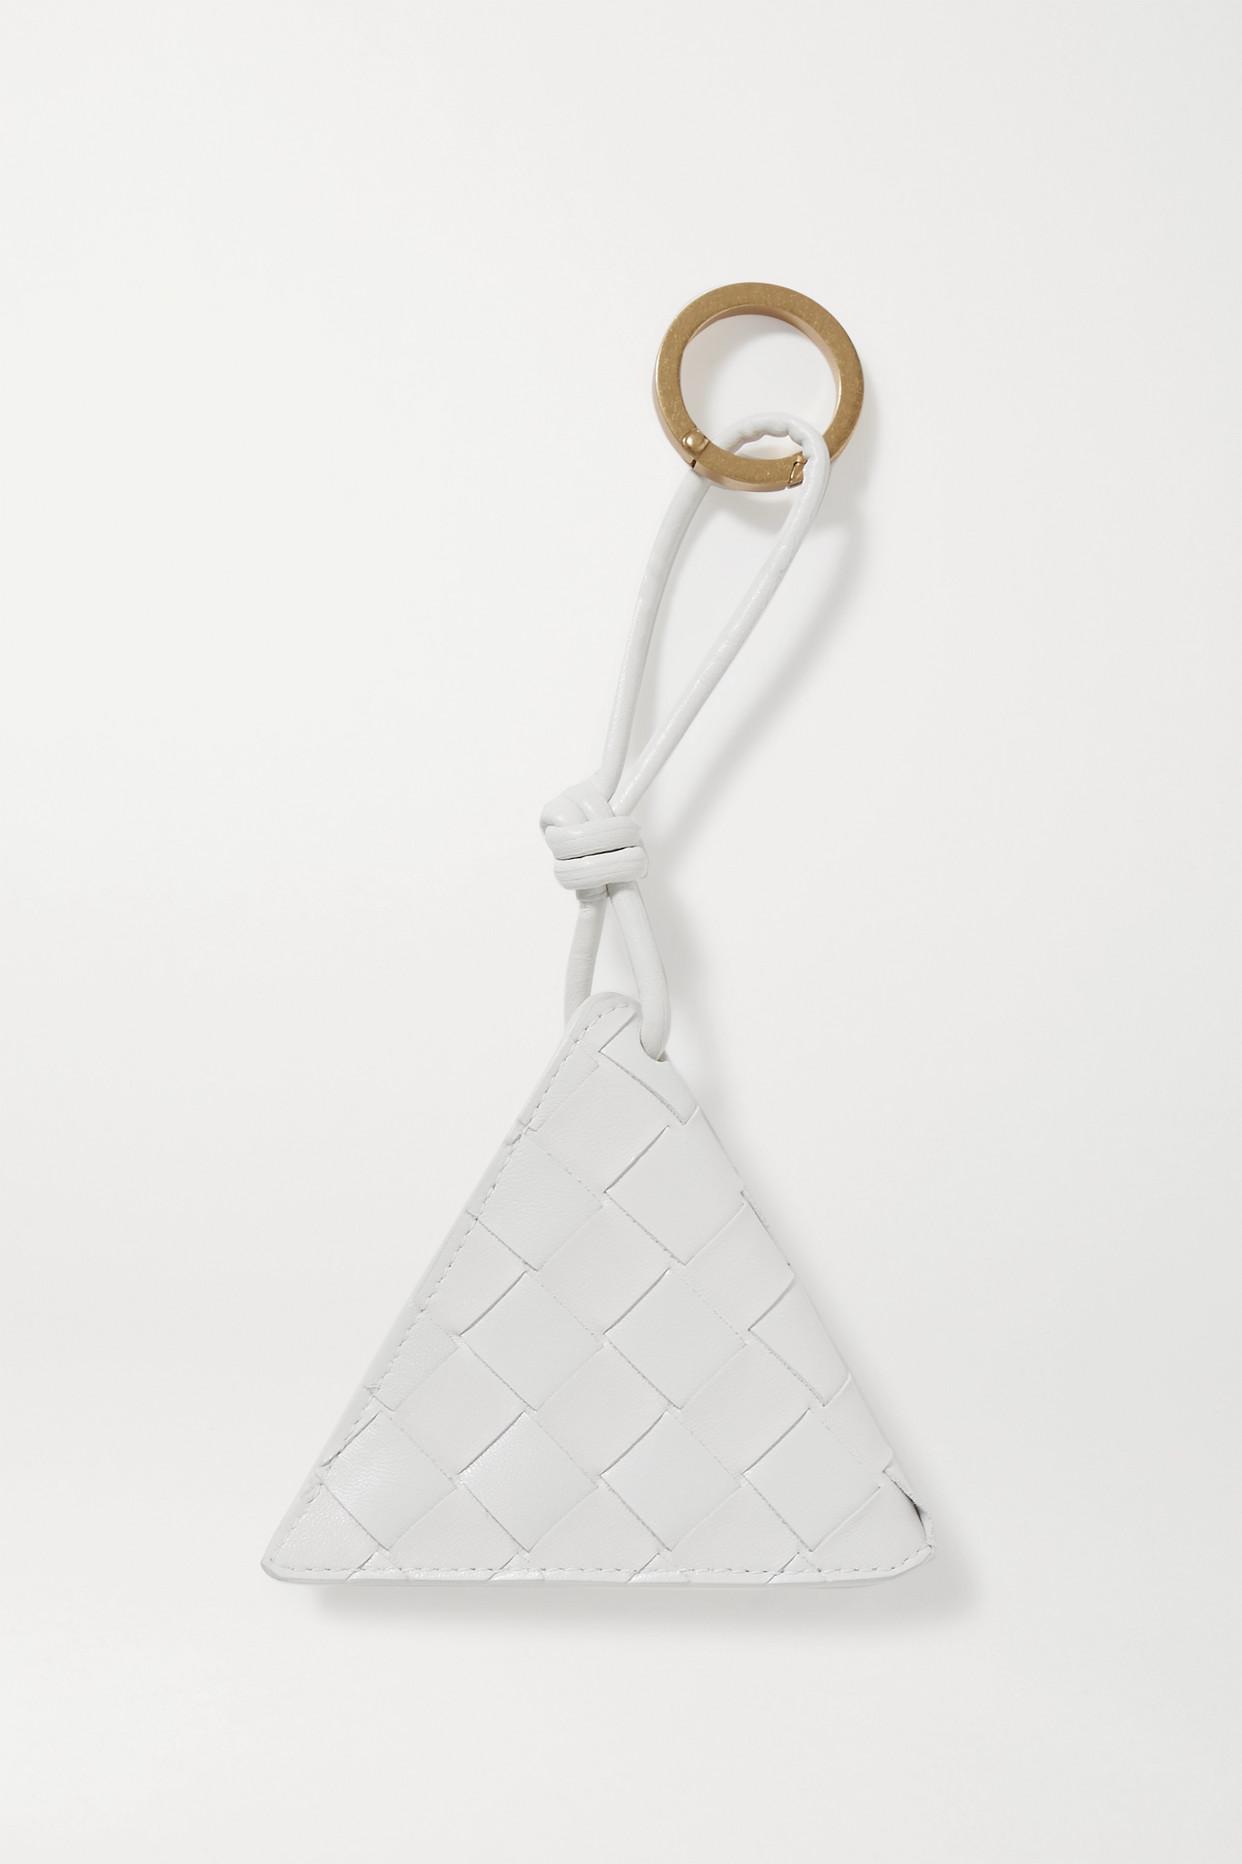 BOTTEGA VENETA - Intrecciato 皮革钥匙扣 - 白色 - one size